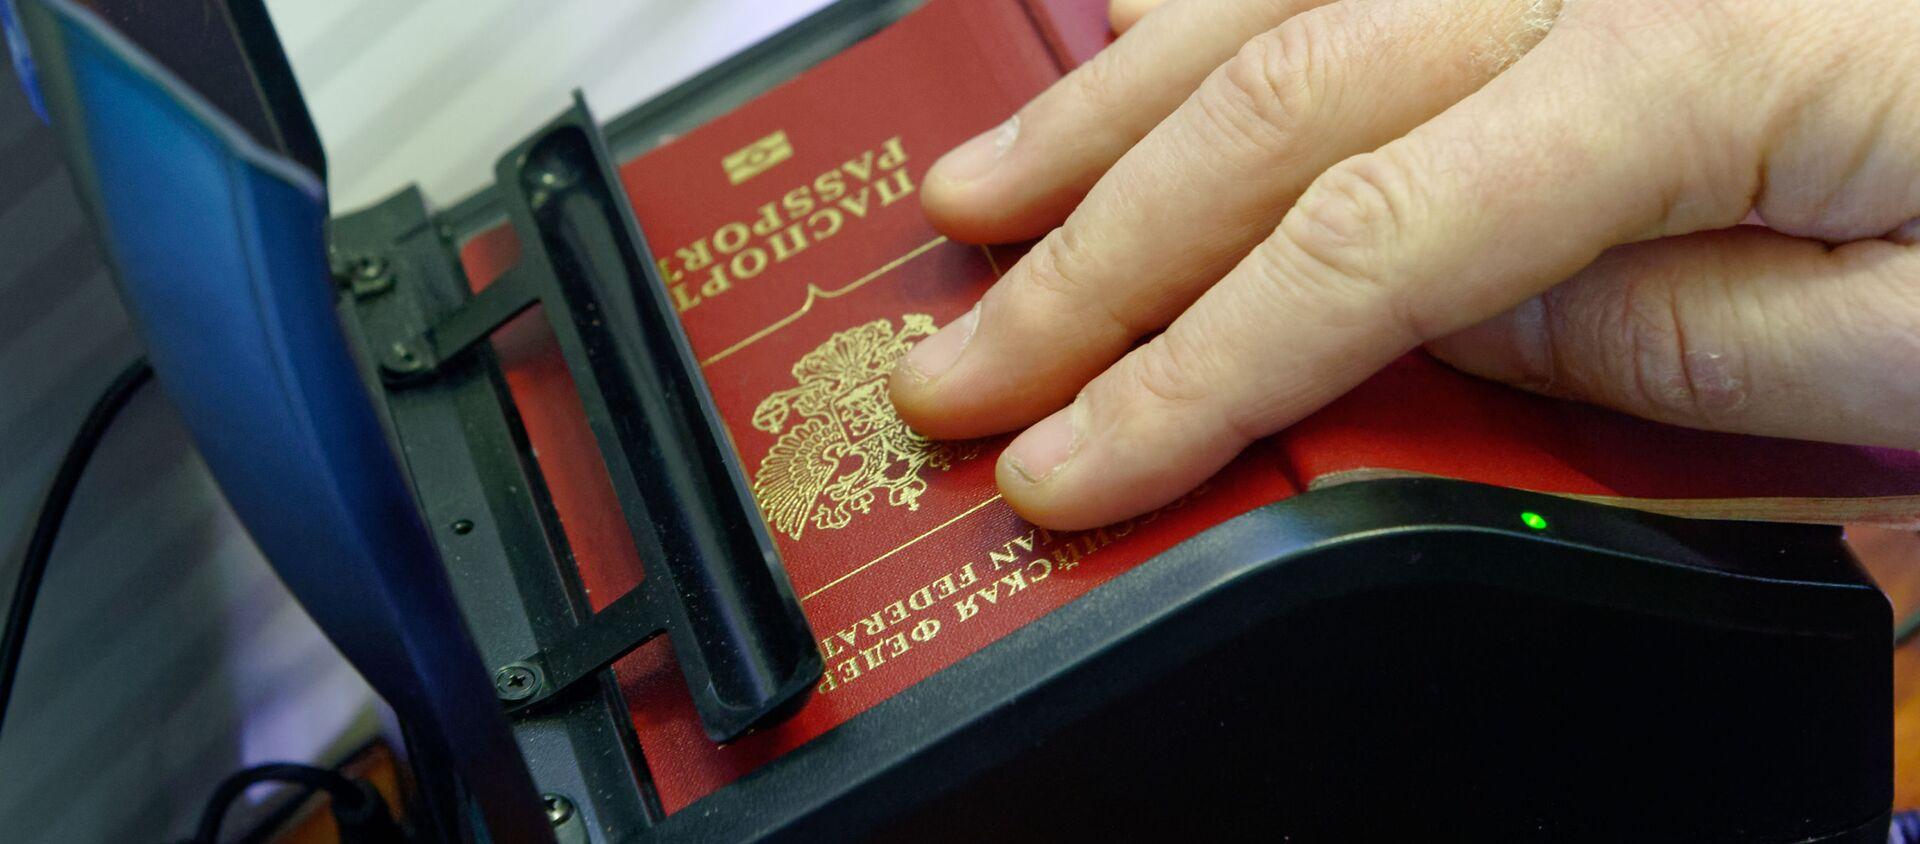 Skanowanie rosyjskiego paszportu na rosyjsko-ukraińskiej granicy - Sputnik Polska, 1920, 20.05.2021